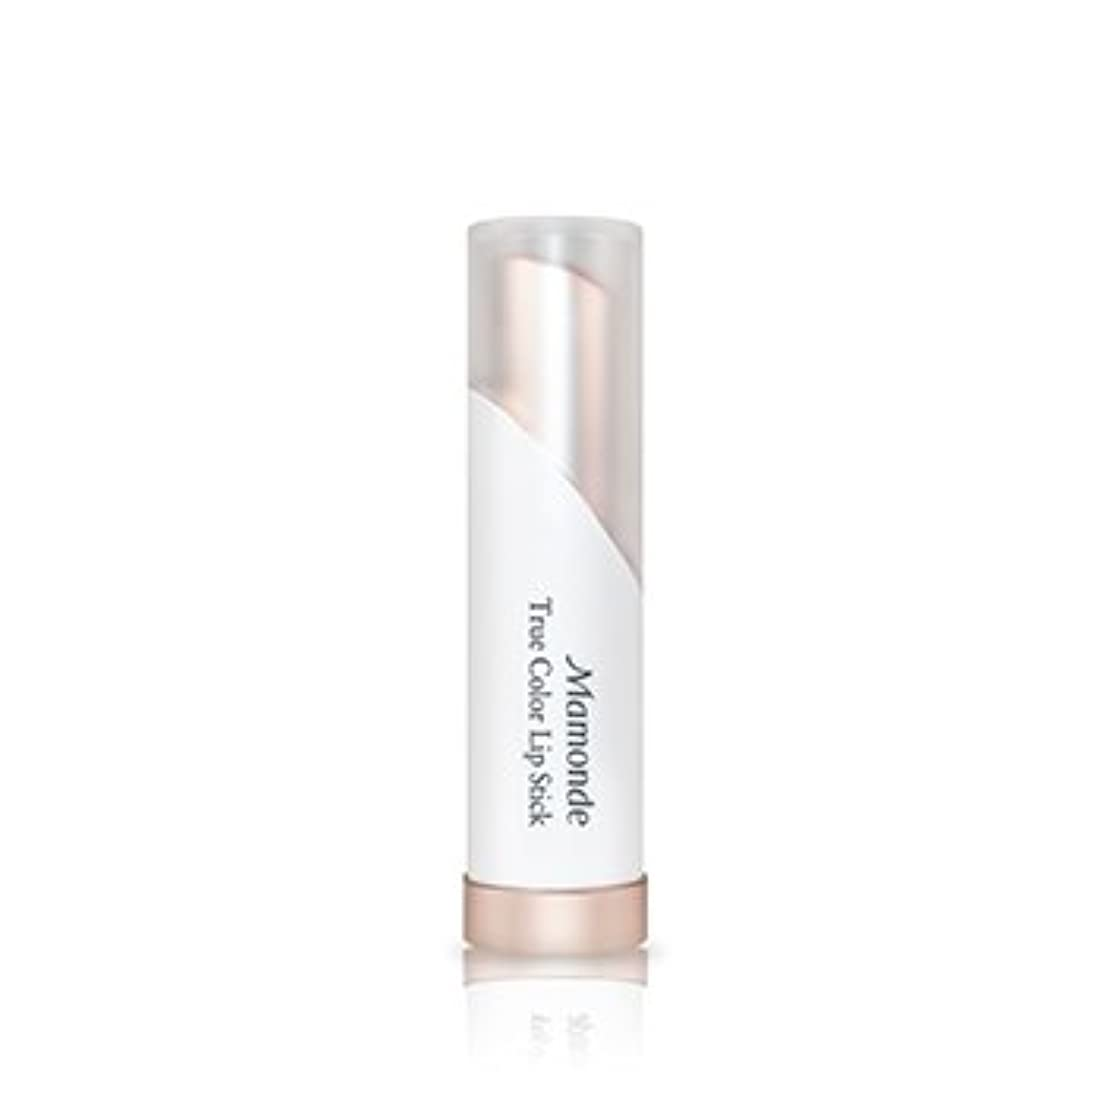 古くなった冗談で運動[New] Mamonde True Color Lip Stick 3.5g/マモンド トゥルー カラー リップスティック 3.5g (#17 Big Night) [並行輸入品]